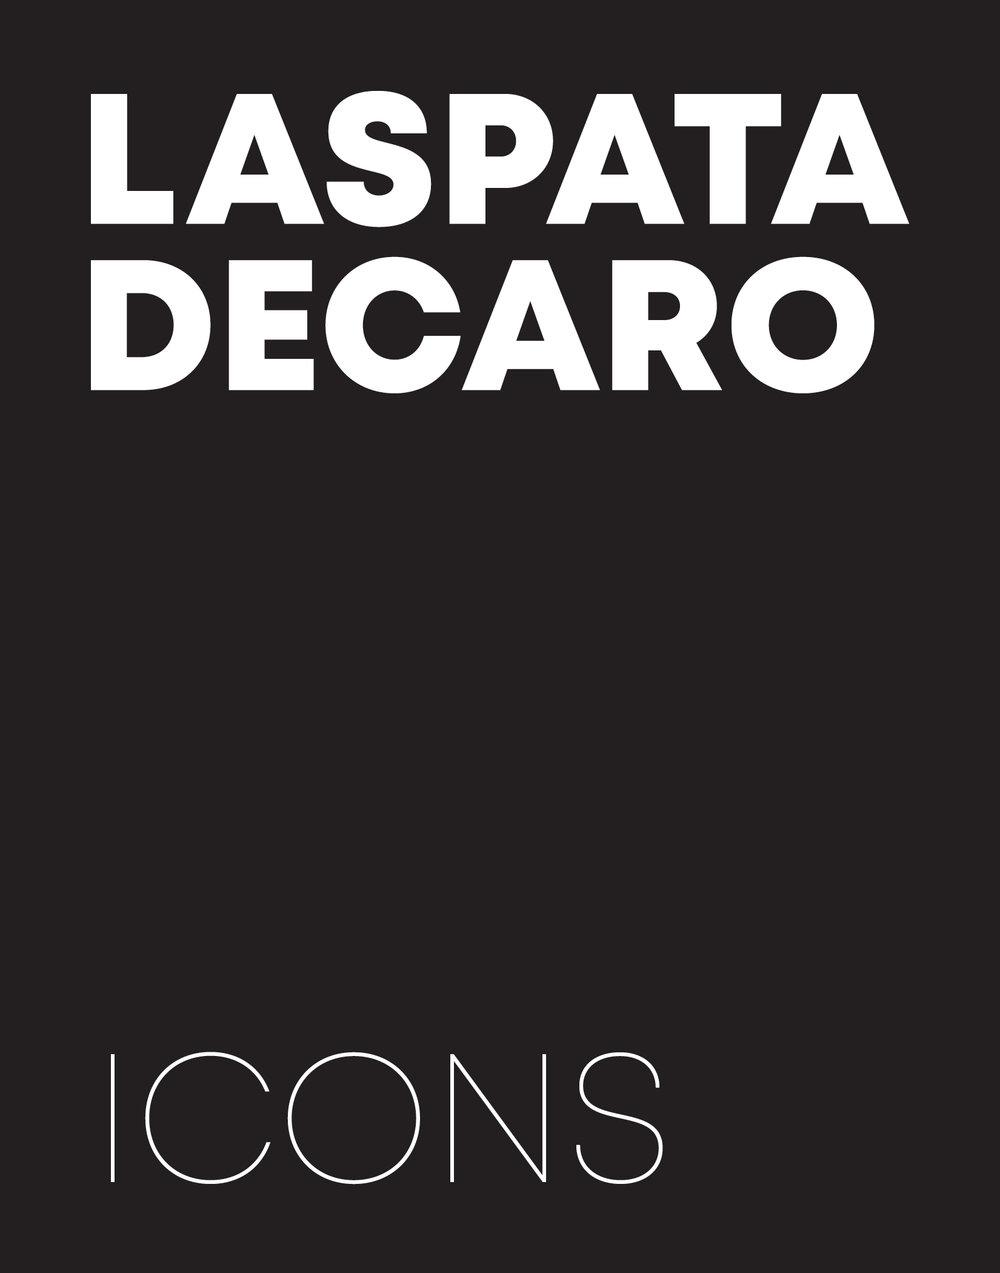 Icons_V7_.jpg